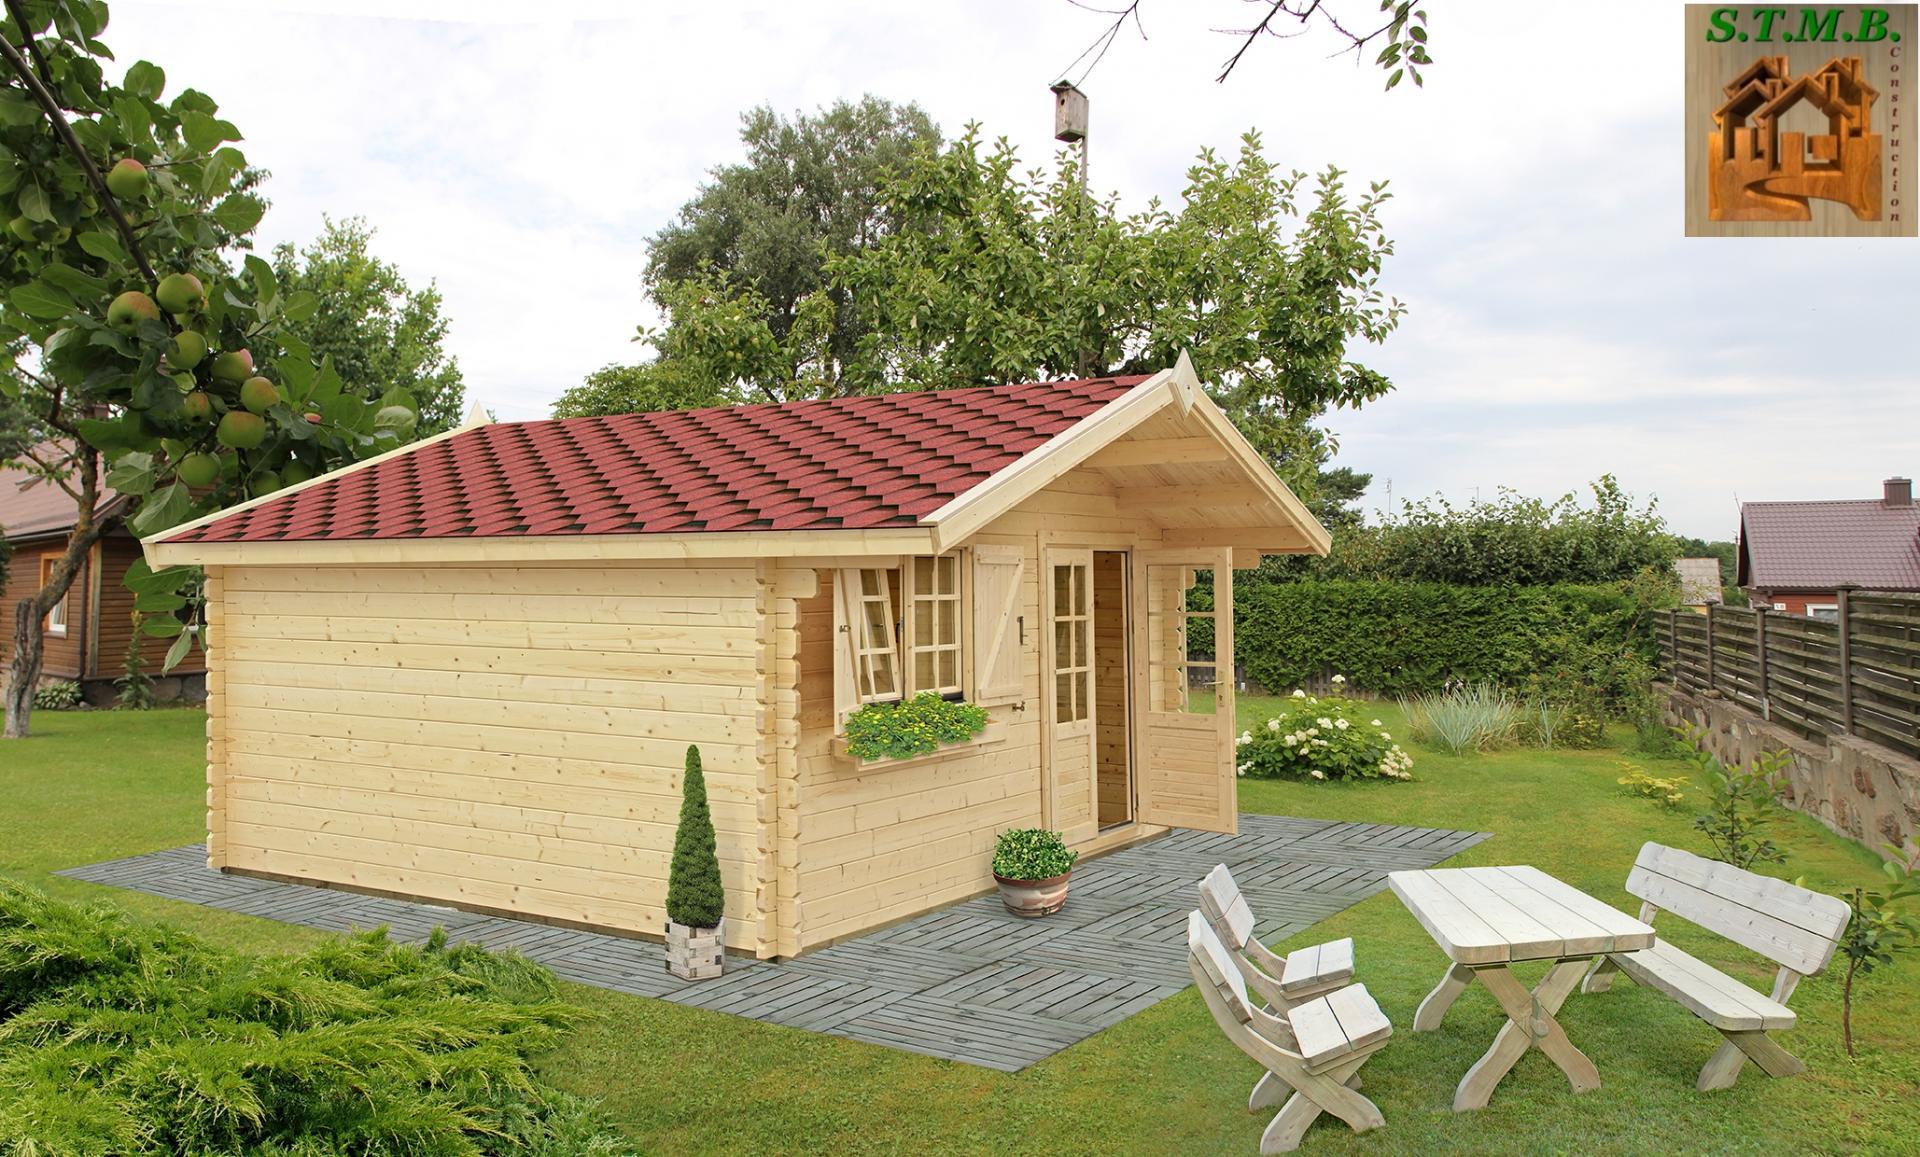 Kit chalet en bois habitable de loisirs laurier 20 de 20 m stmb construction for Abri de jardin guadeloupe